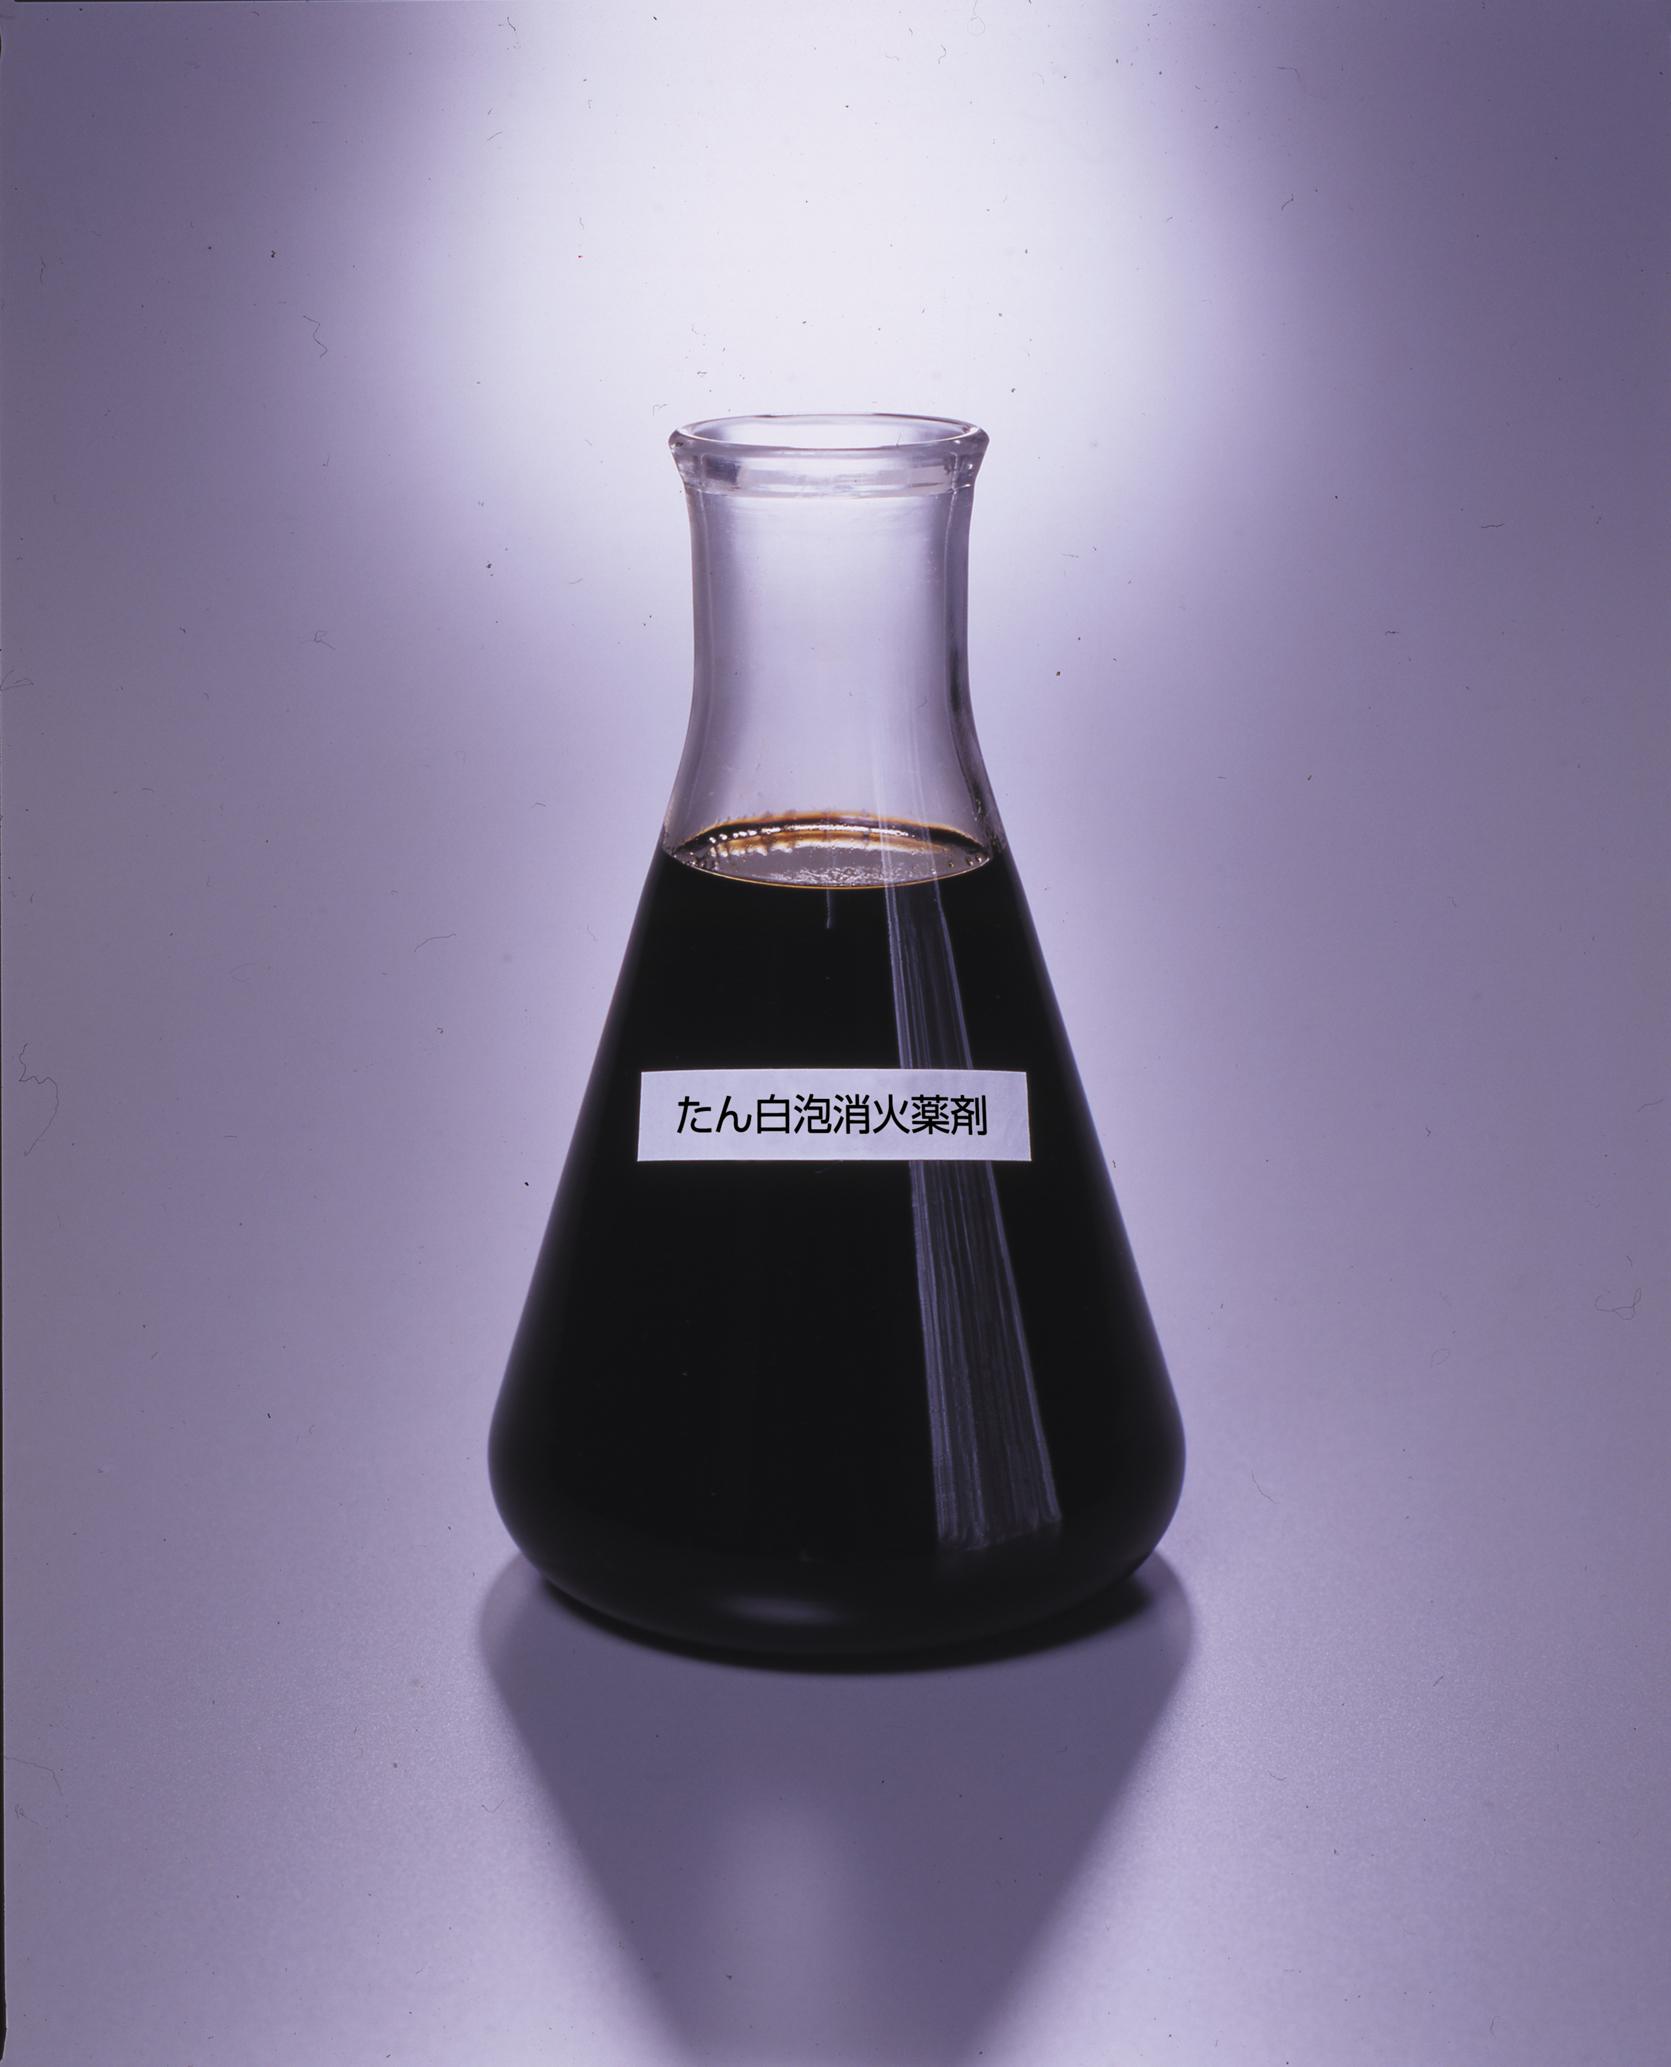 たん白泡消火薬剤エアフォーム310